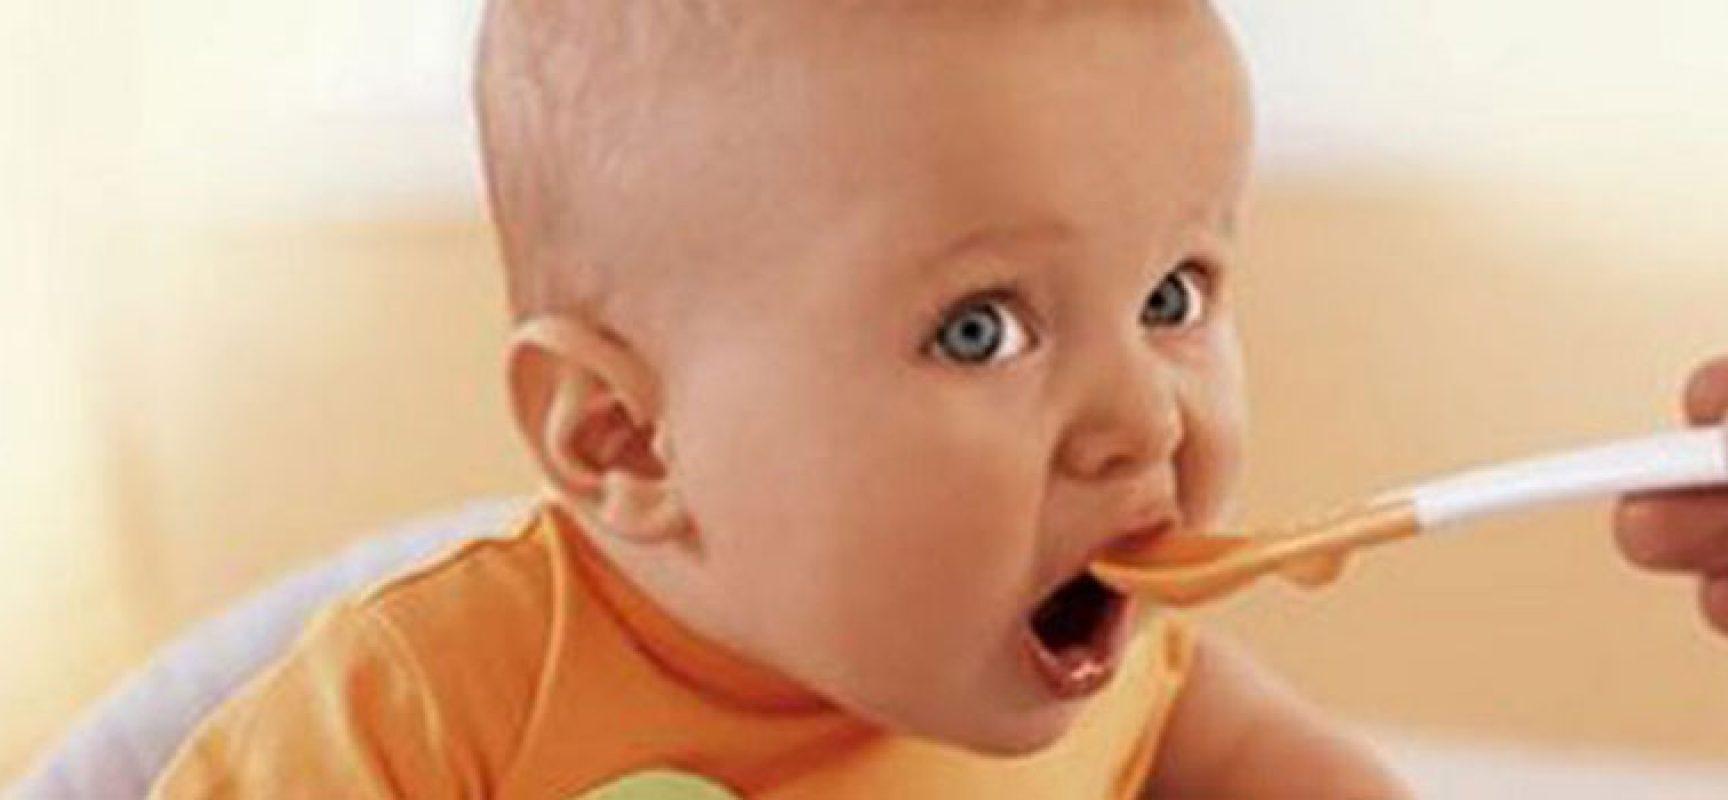 Progetto Uomo organizza distribuzione gratuita prodotti prima infanzia